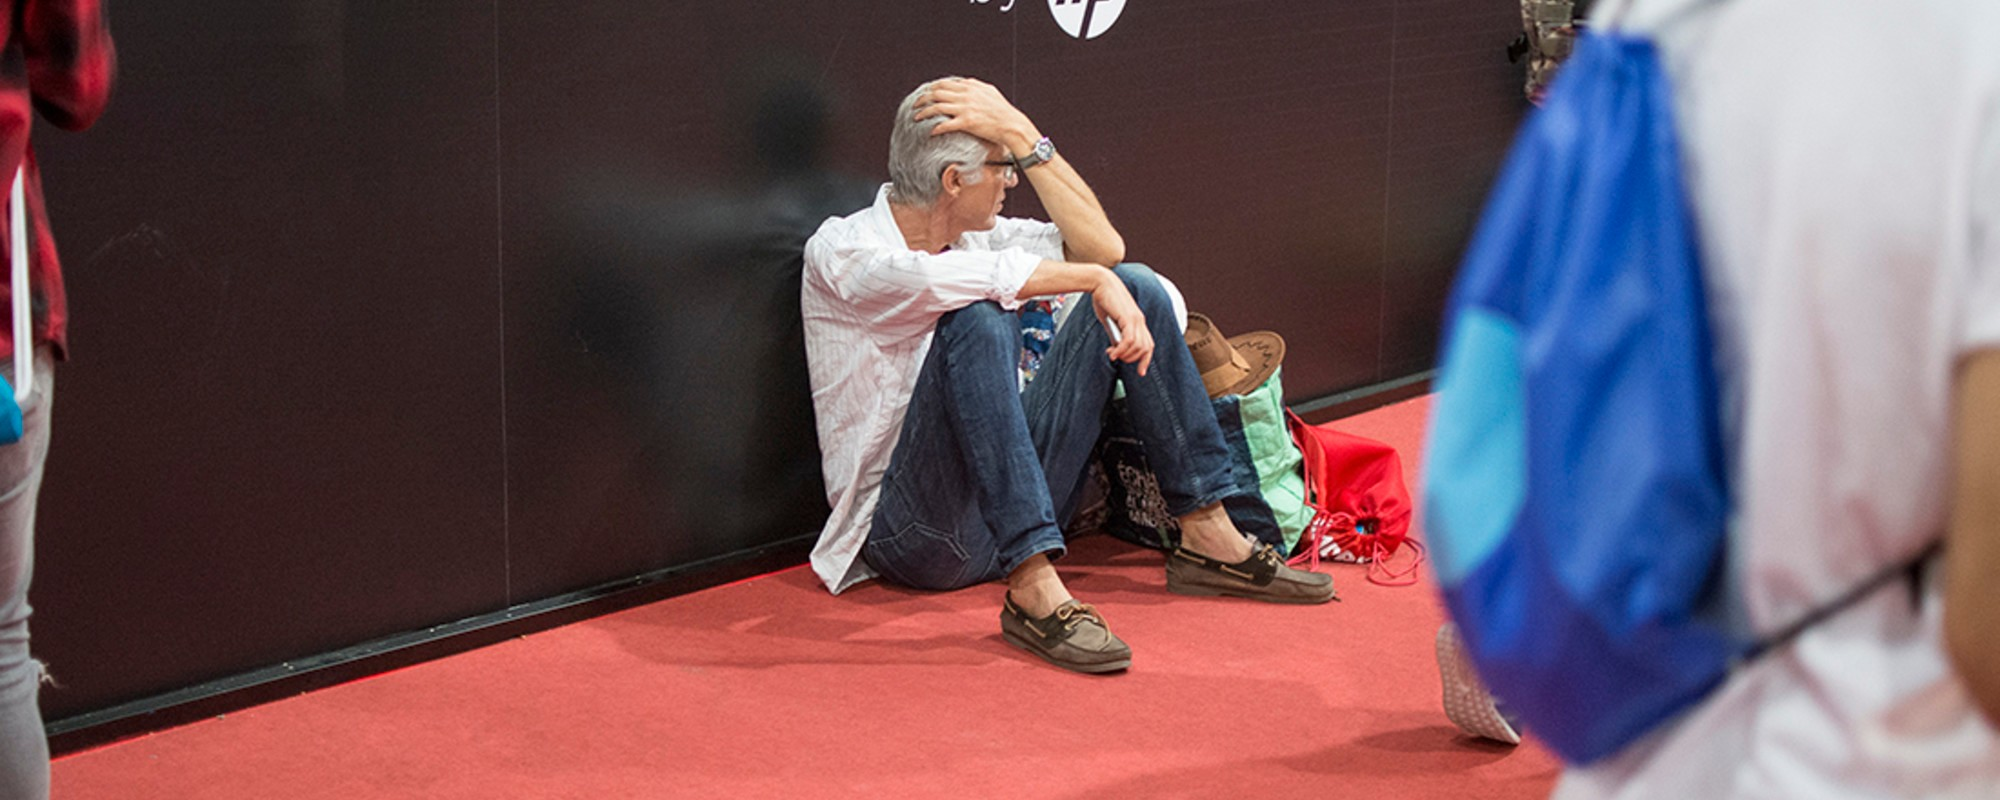 Gamers adictos y padres desolados: las dos caras de la feria de los videojuegos de Madrid